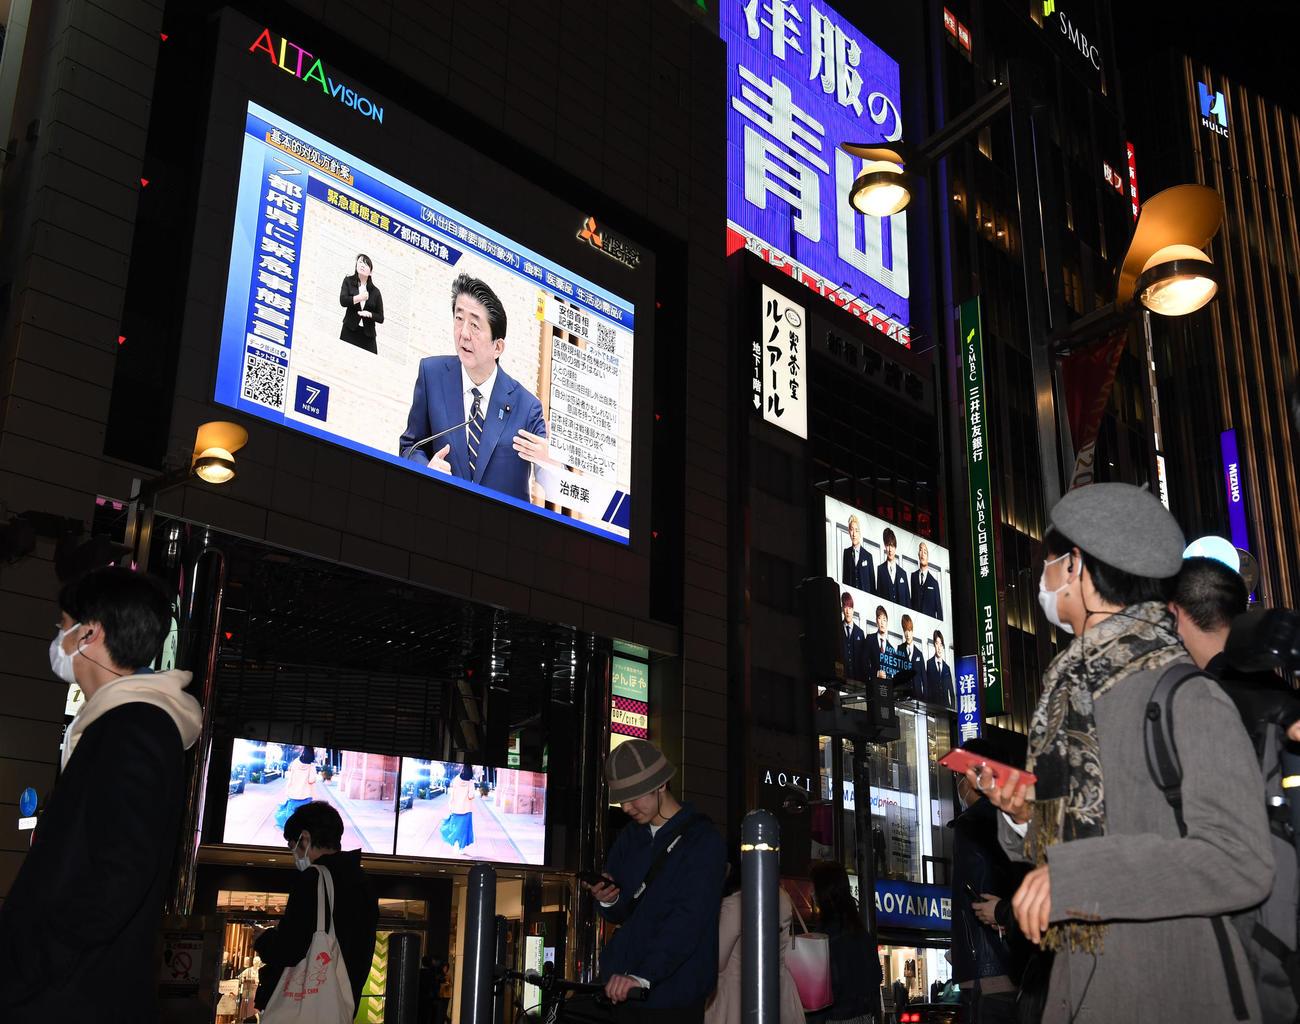 緊急事態宣言が発令され、安倍首相の会見を映す新宿駅東口の大型モニター(撮影・横山健太)